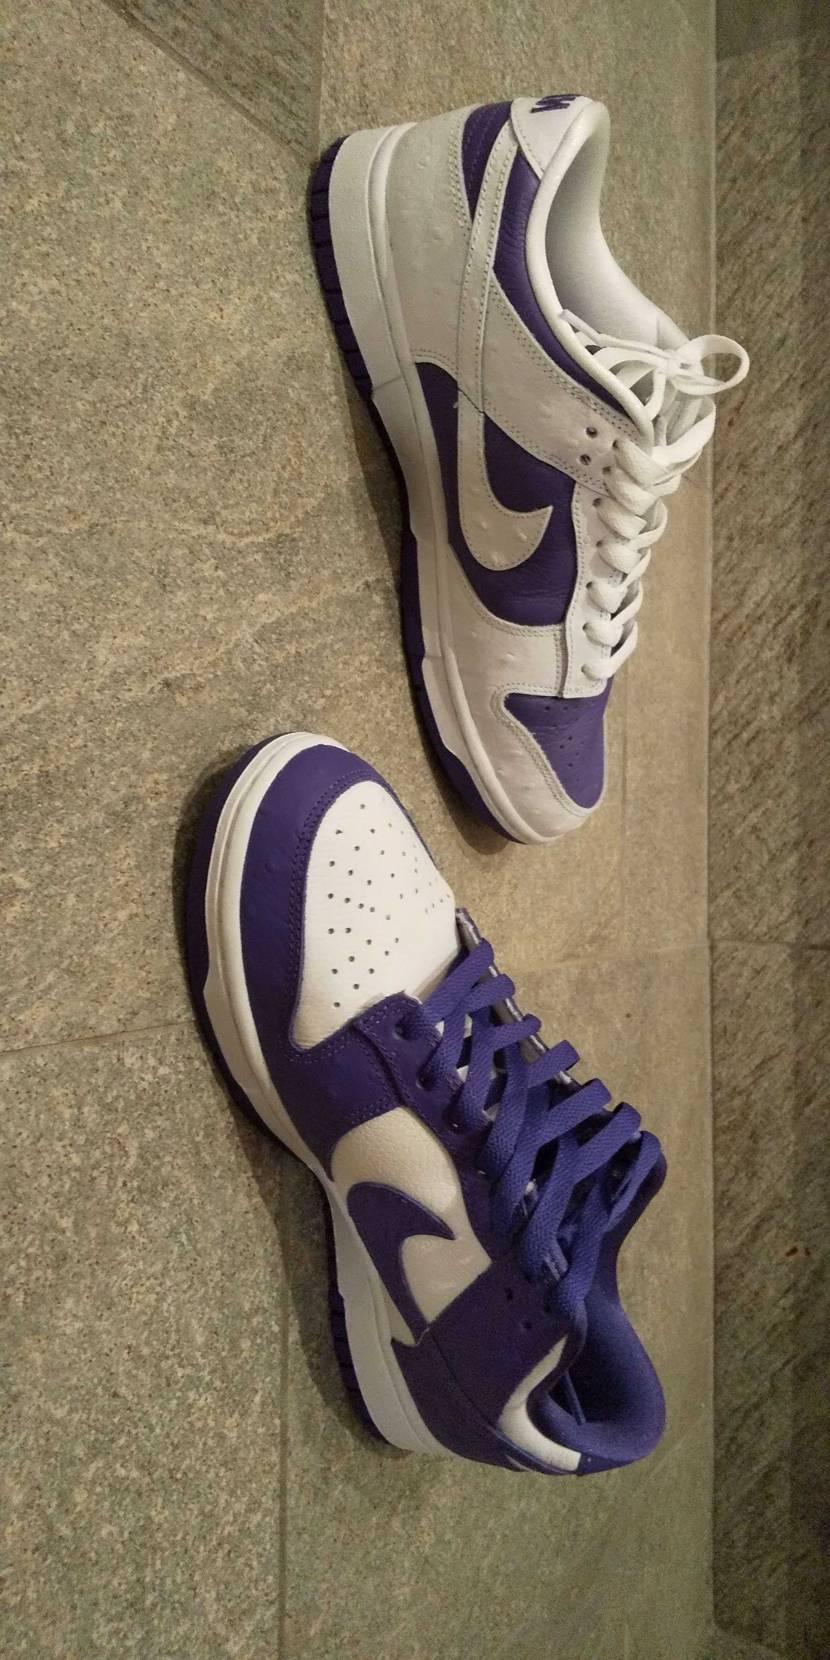 めっちゃいい、めっちゃいい、めっちゃいい    紫が青に見え